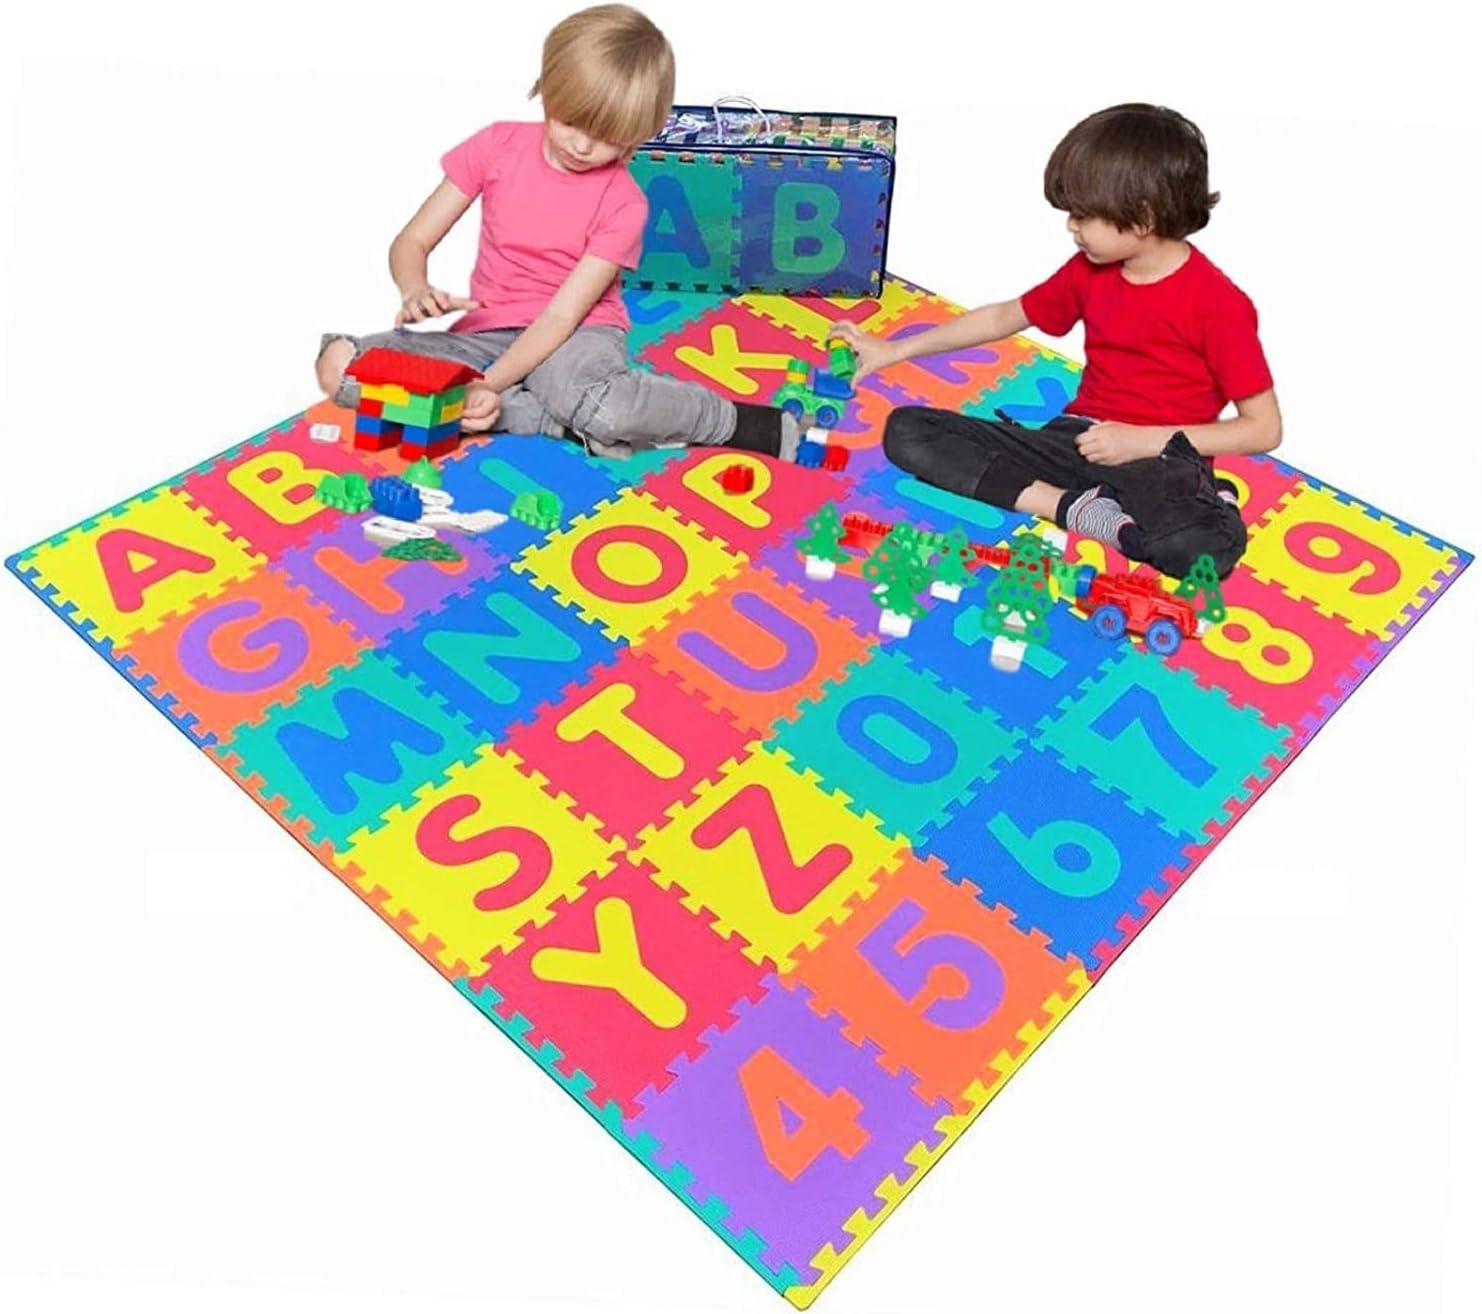 Pro-Gymnastics Sales for sale Kids Foam Puzzle Mat 36 Classic Numbers Tiles Alphabet